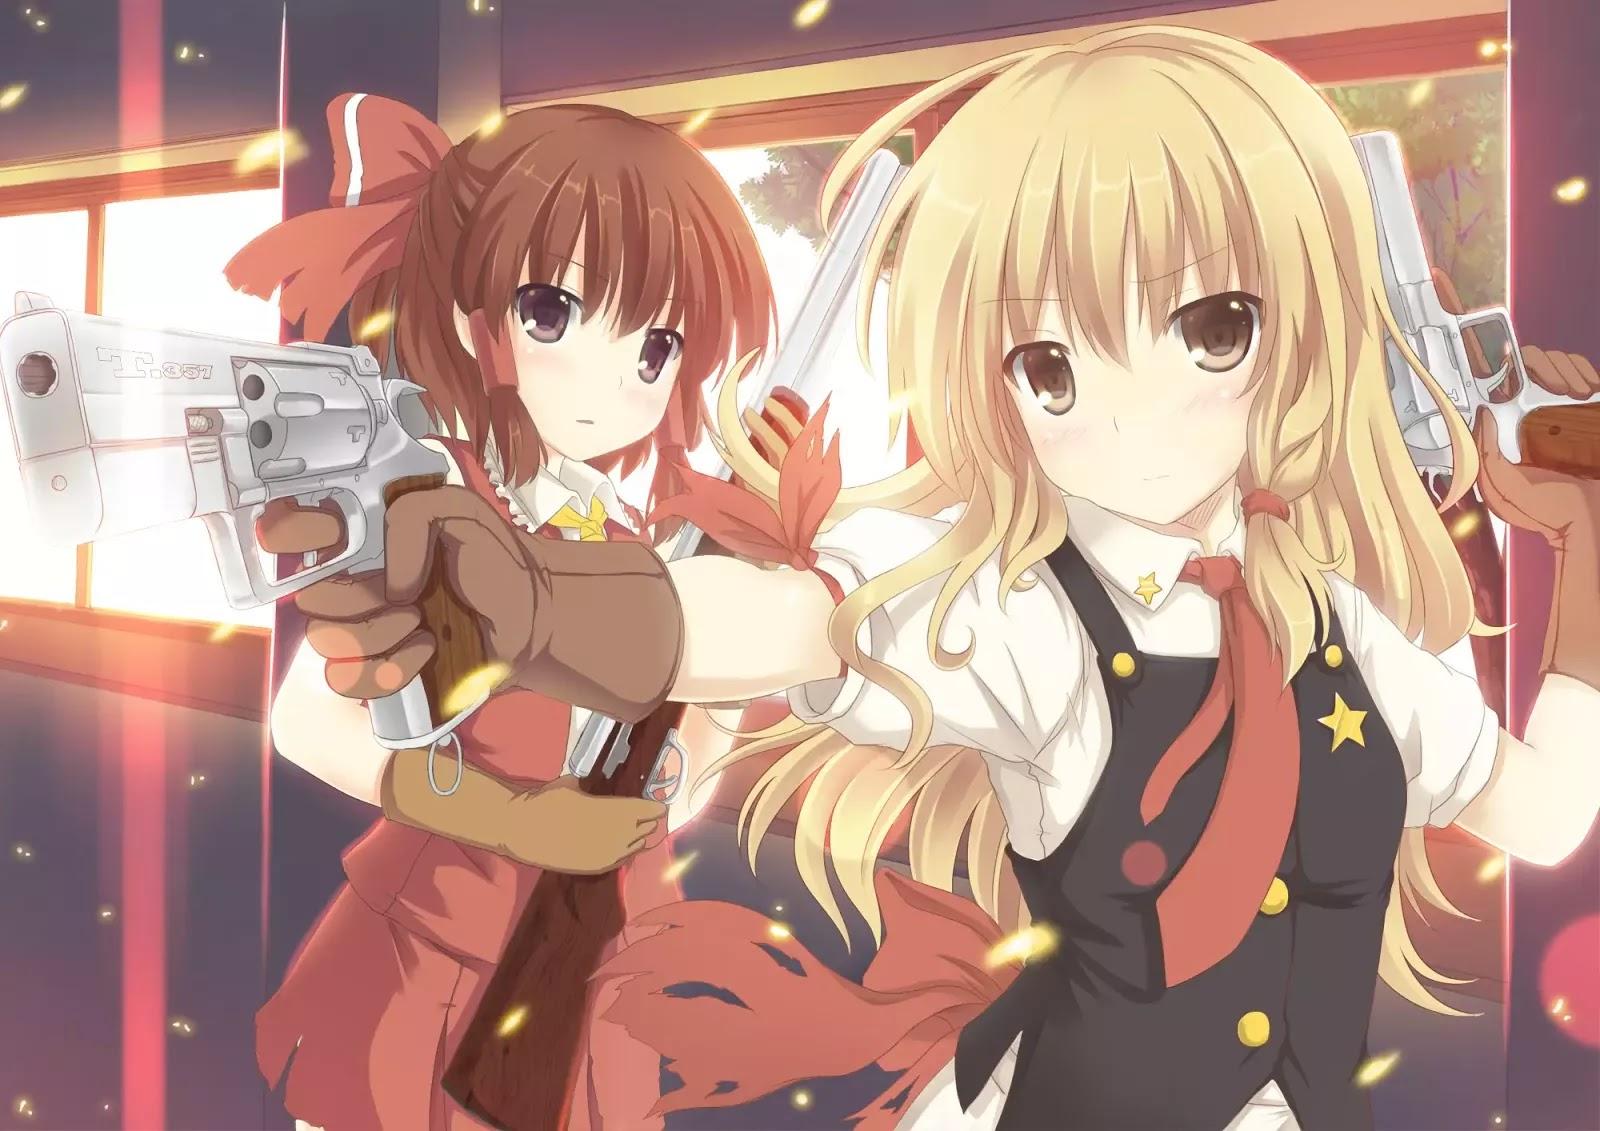 AowVN%2B%252848%2529 - [ Hình Nền ] Loli cực đẹp , cực độc Full HD | Anime Wallpaper